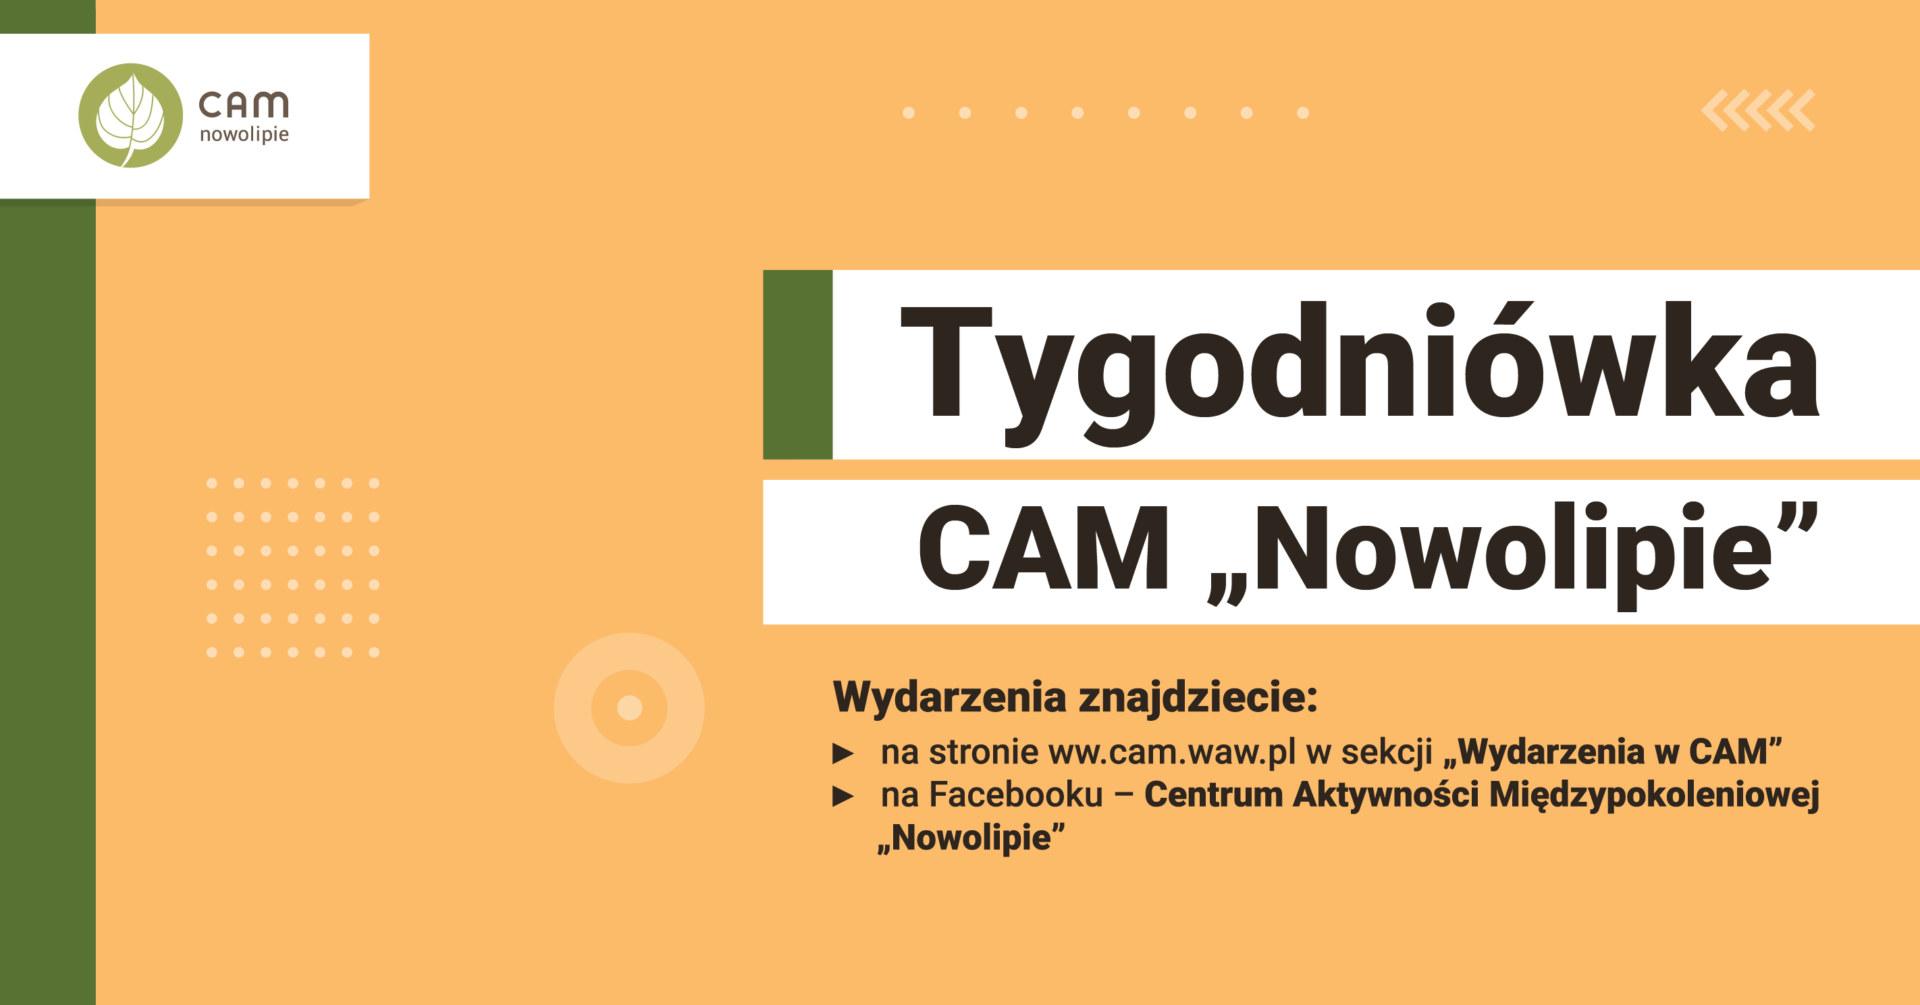 Na pomarańczowym tle napis: Tygodniówka Centrum Aktywności Międzypokoleniowej Nowolipie, oraz poniżej na ciemniejszym tle: Wydarzenia znajdziecie na stronie cam.waw.pl i na facebooku.